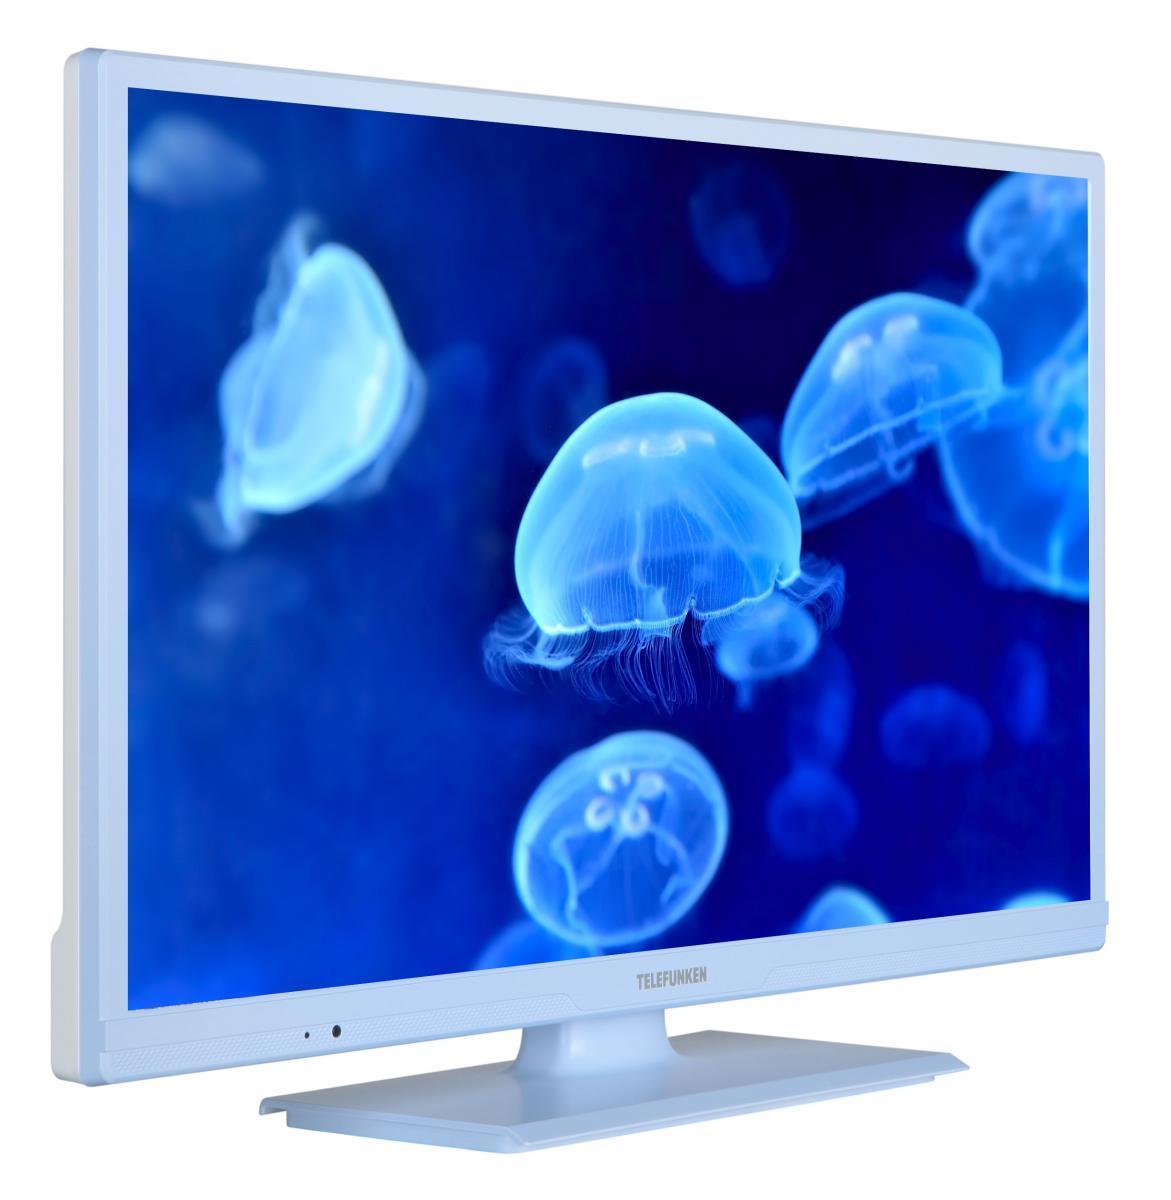 """Bild 2 von Telefunken LED TV 24"""" (61 cm)"""